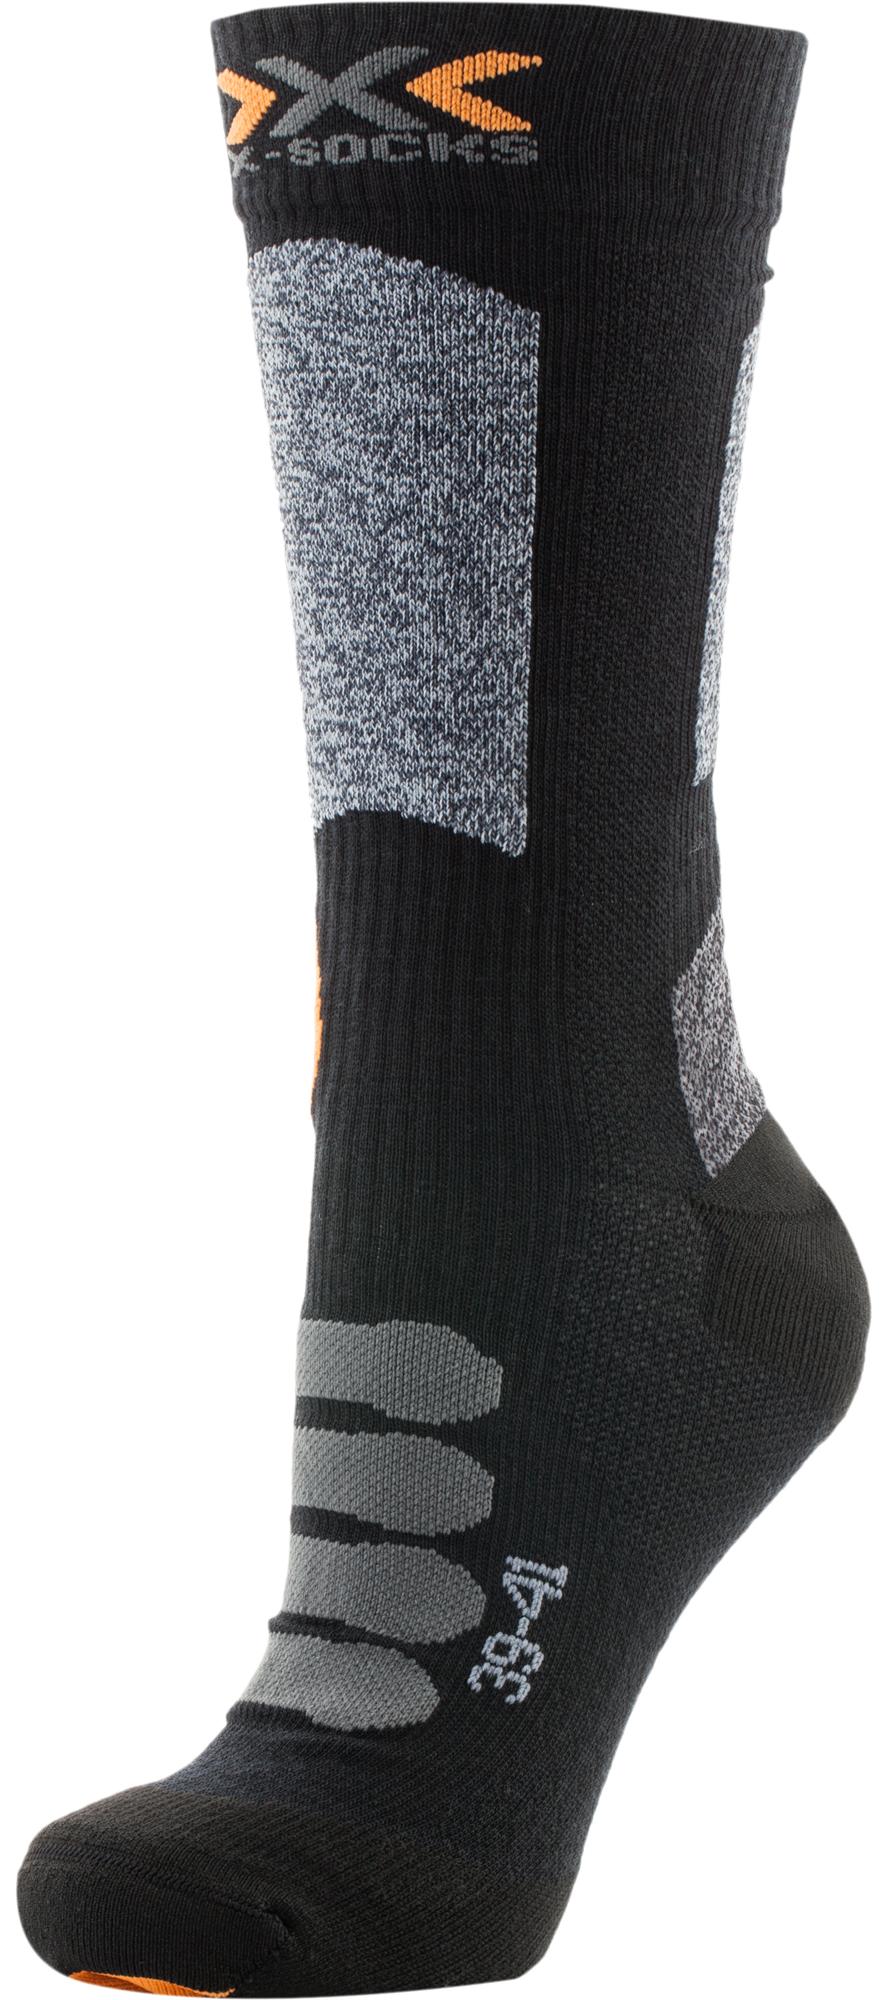 цена на X-Socks Носки X-Socks, 1 пара, размер 45-47